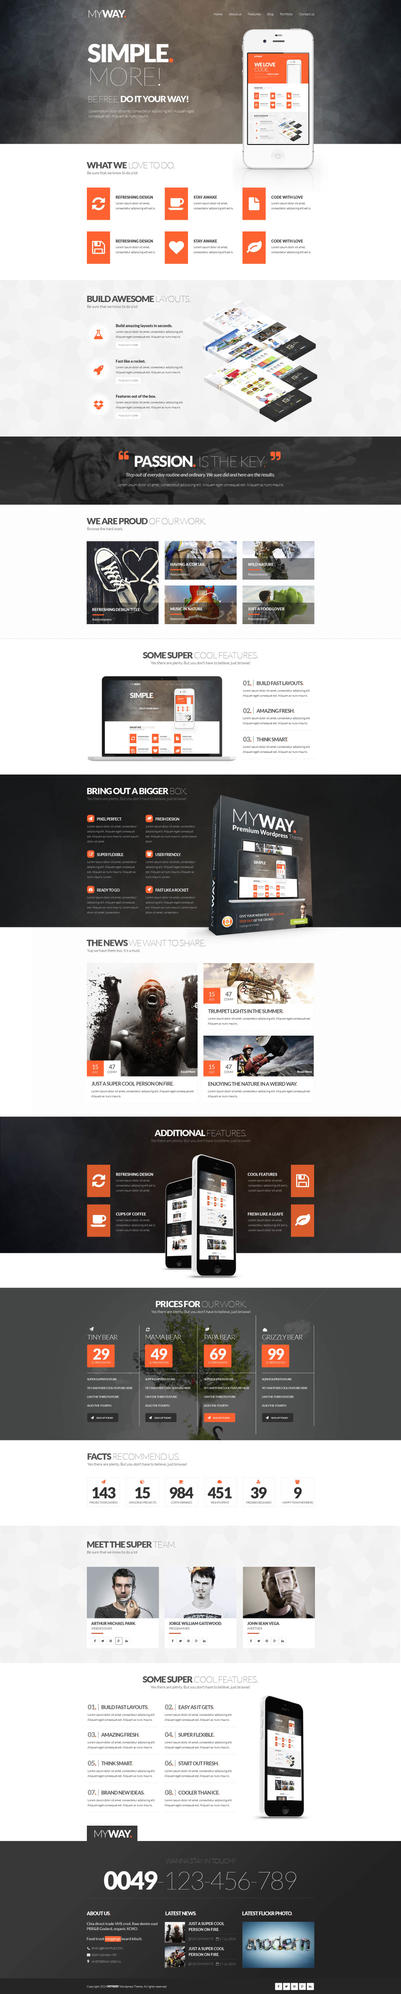 MyWay Multipurpose Responsive Wordpress Theme by webdesigngeek